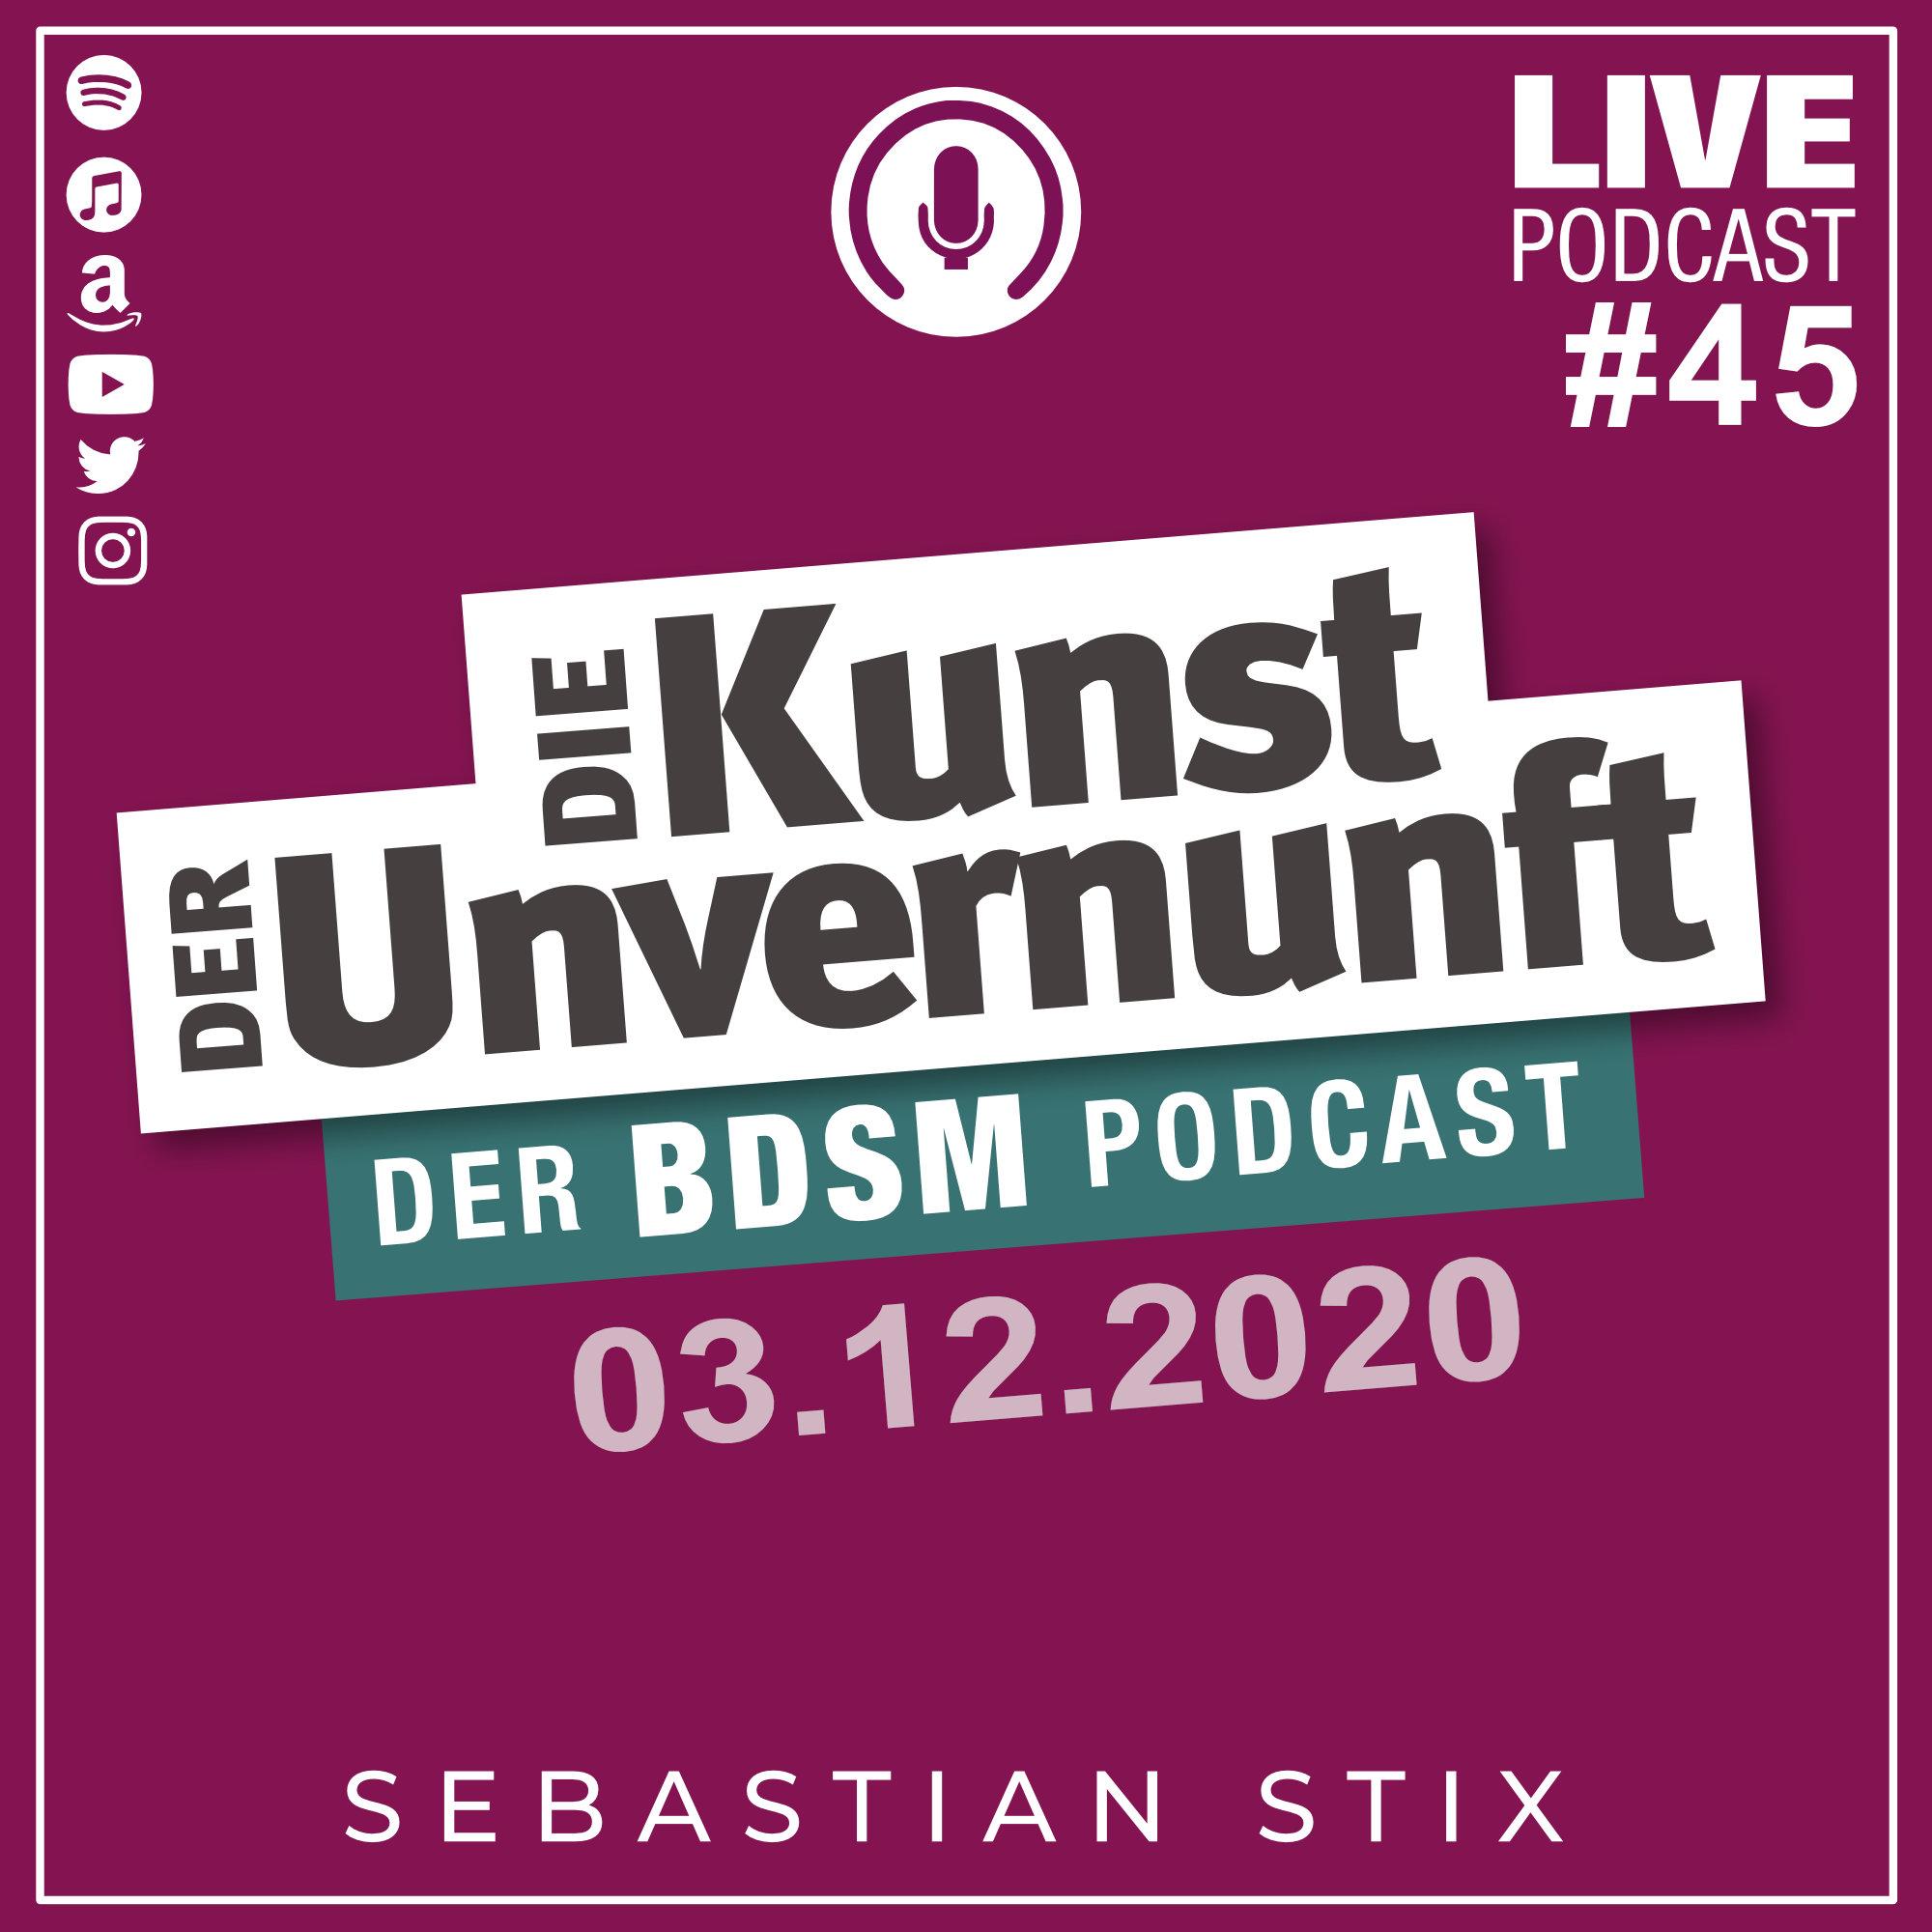 Unvernunft Live 03.12.2020 - FRAG DIE SMJG